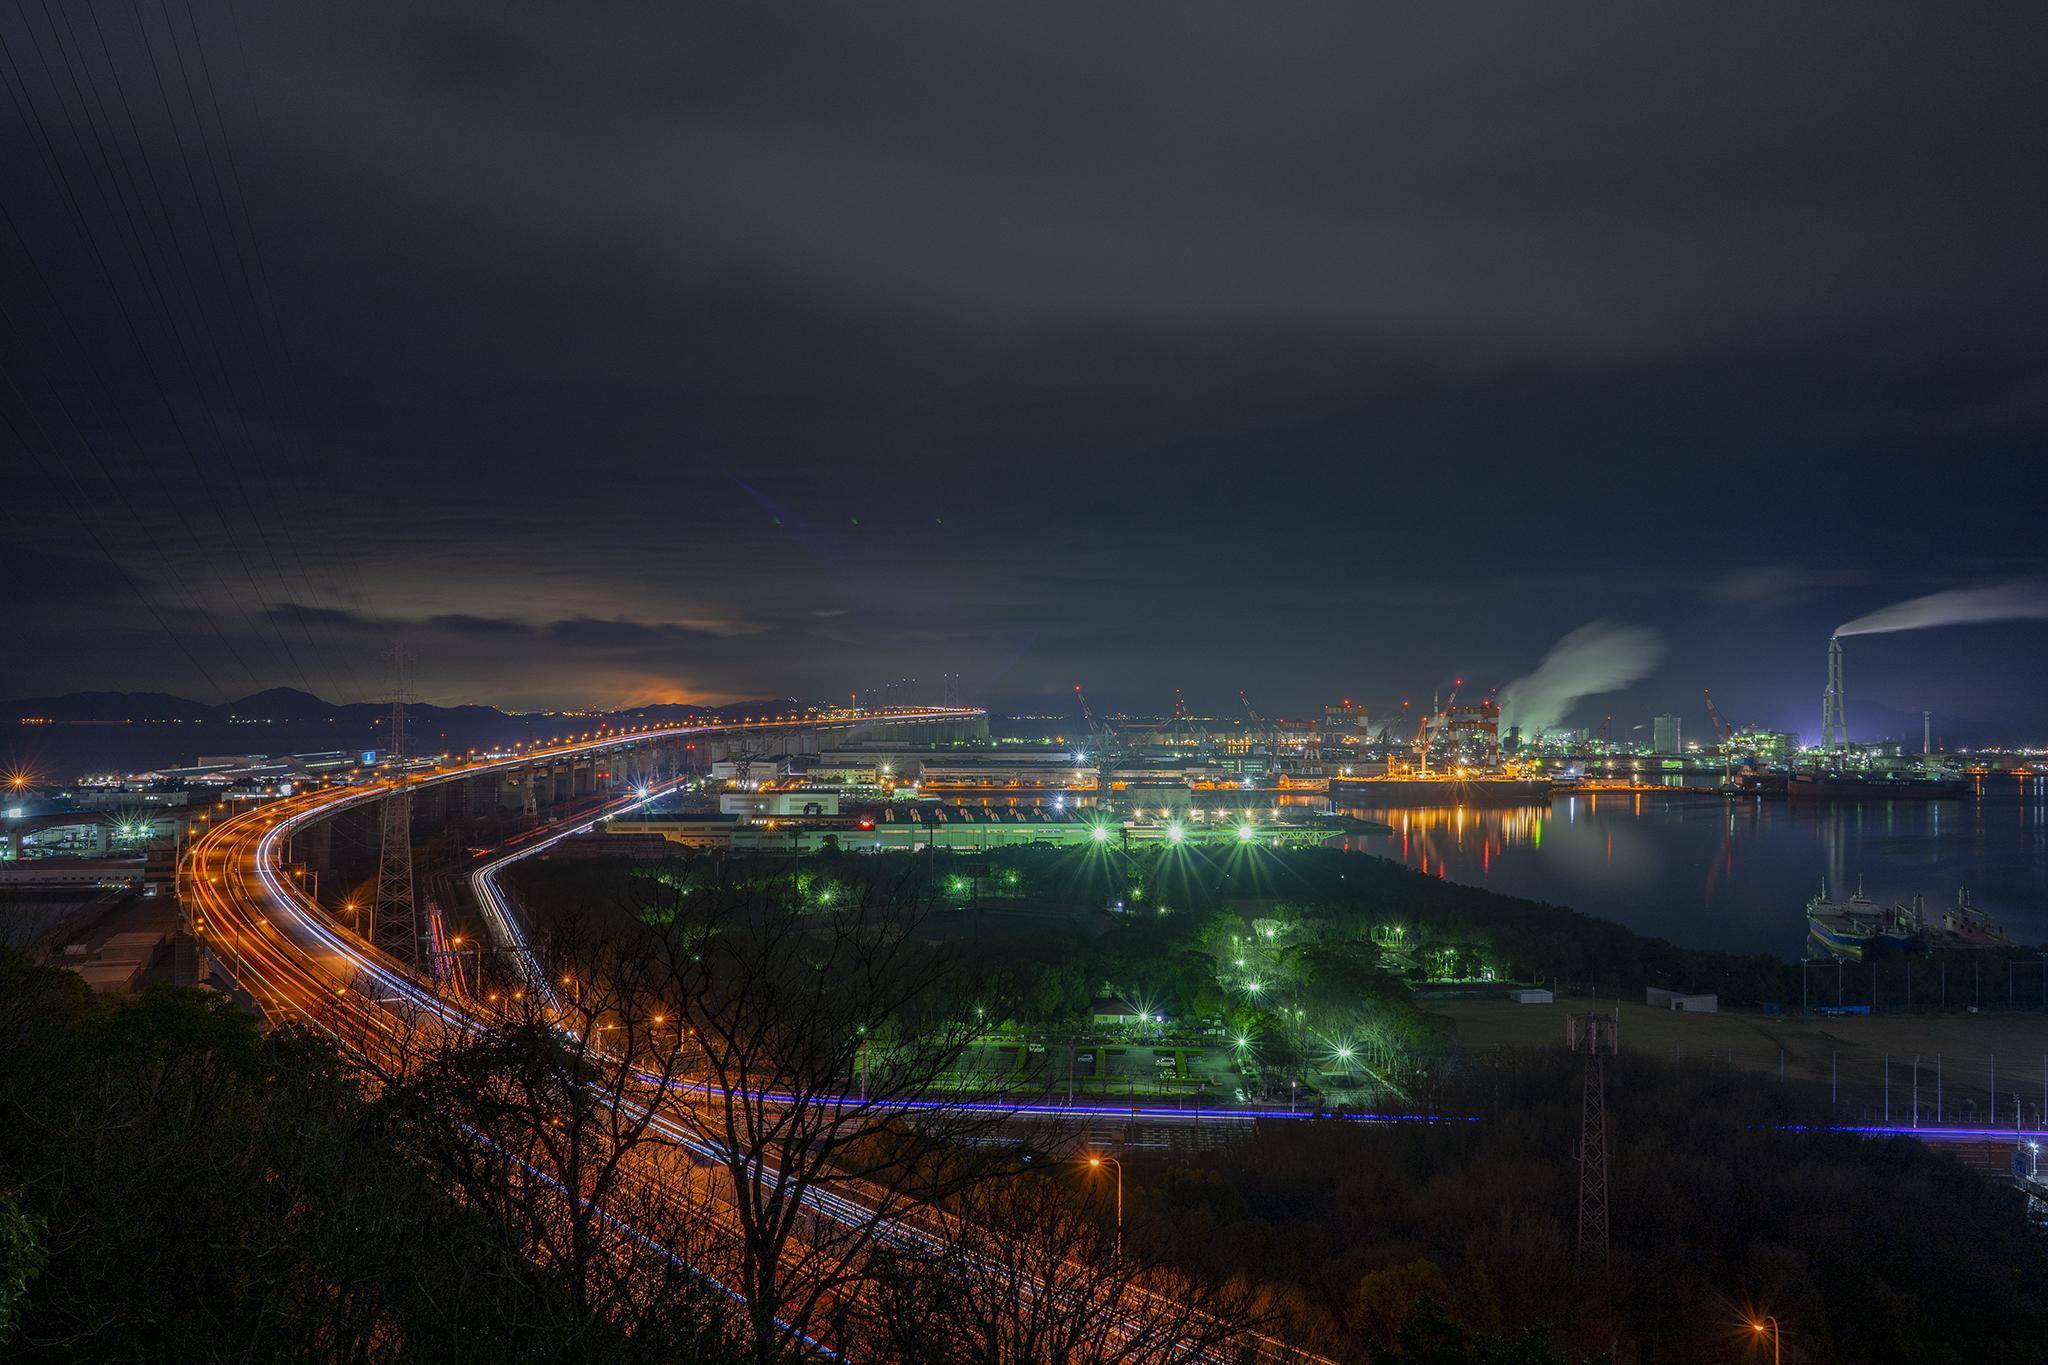 常盤公園から見た瀬戸大橋の夜景